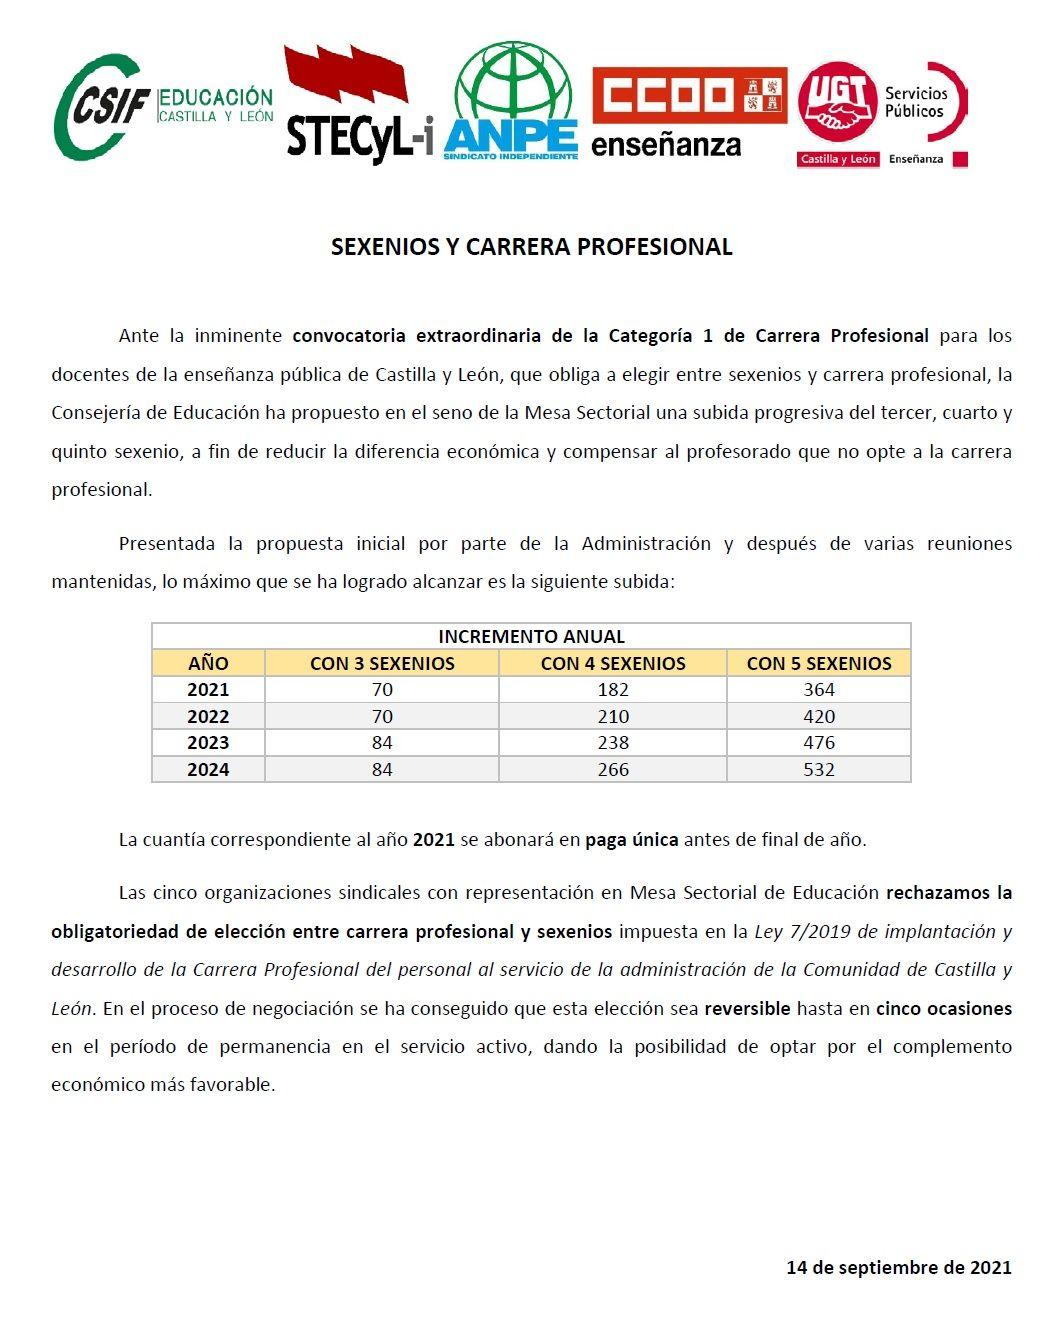 Comunicado OOSS subida sexenios y carrera profesional 14-09-21